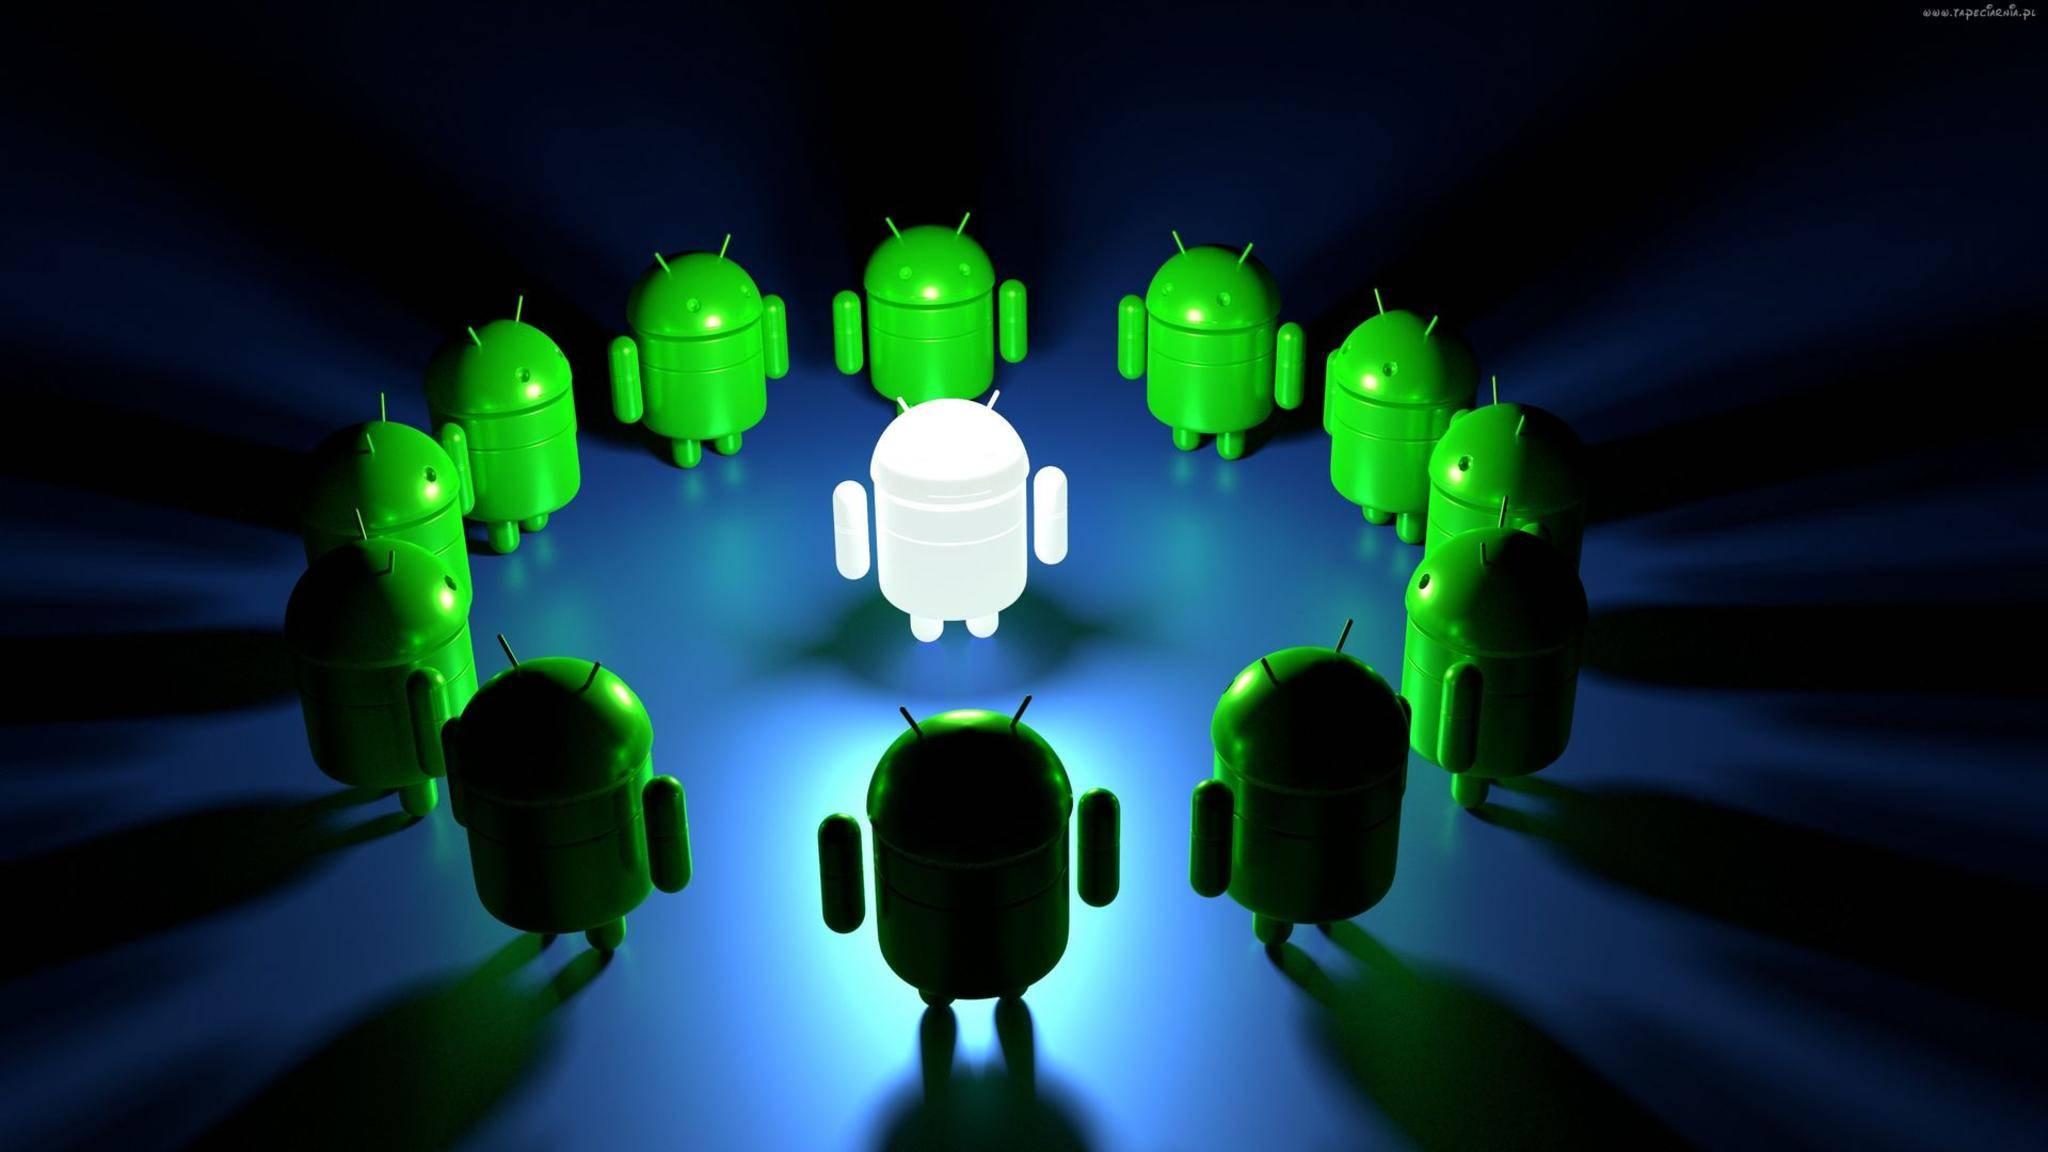 Android 11 legt den Fokus auf Übersichtlichkeit und Optimierung.